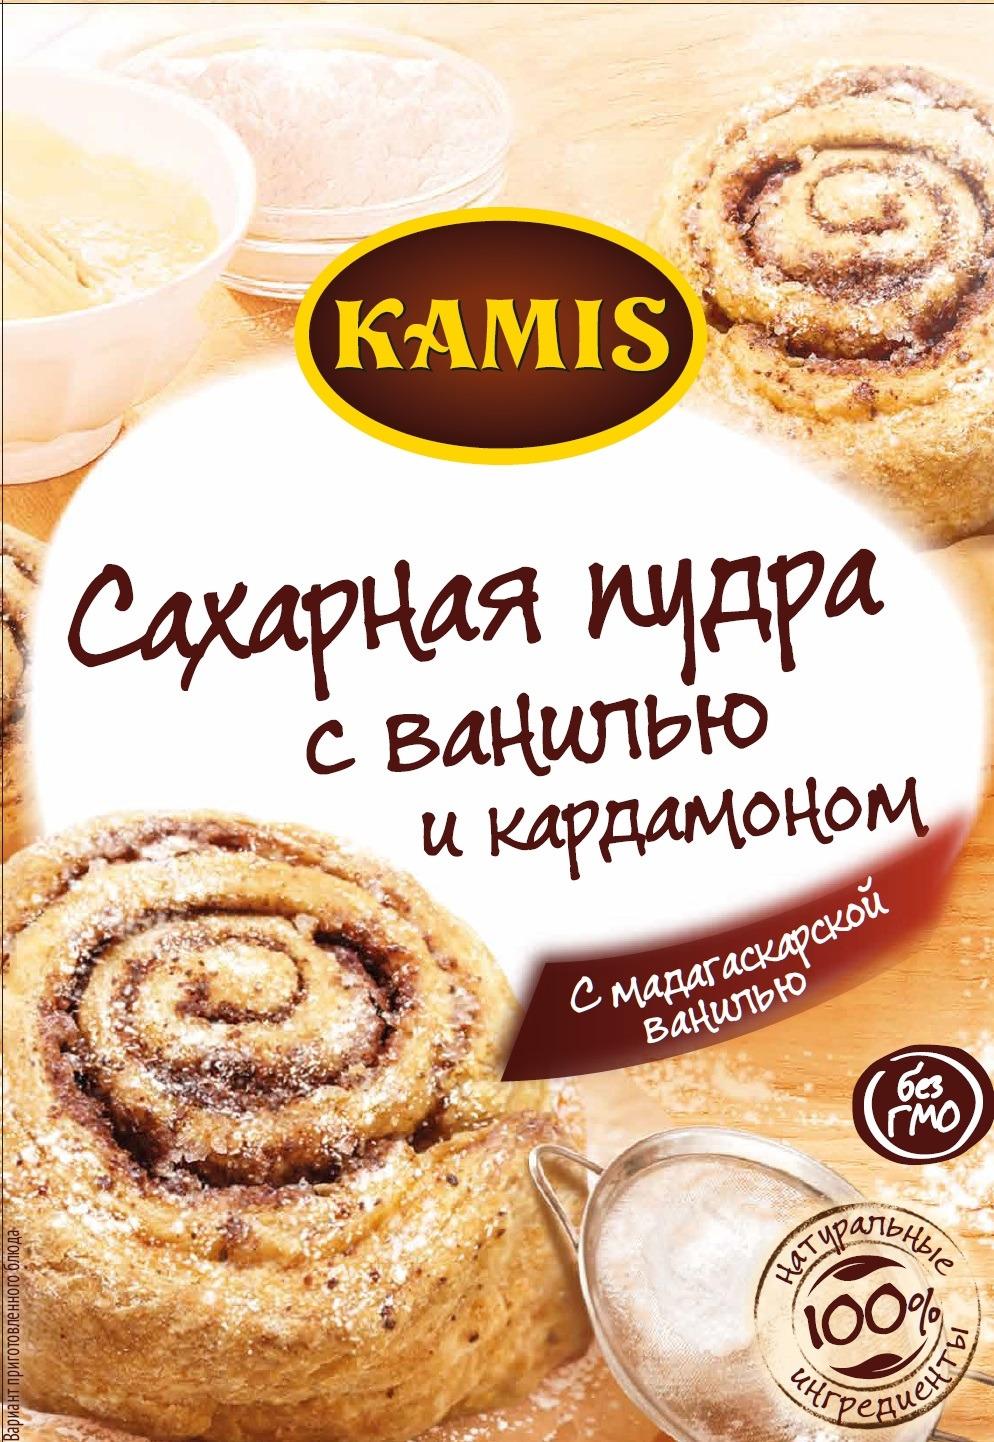 Kamis сахарная пудра с ванилью и кардамоном, 20 г булка коломенское булочки сдобные с кардамоном 200 г